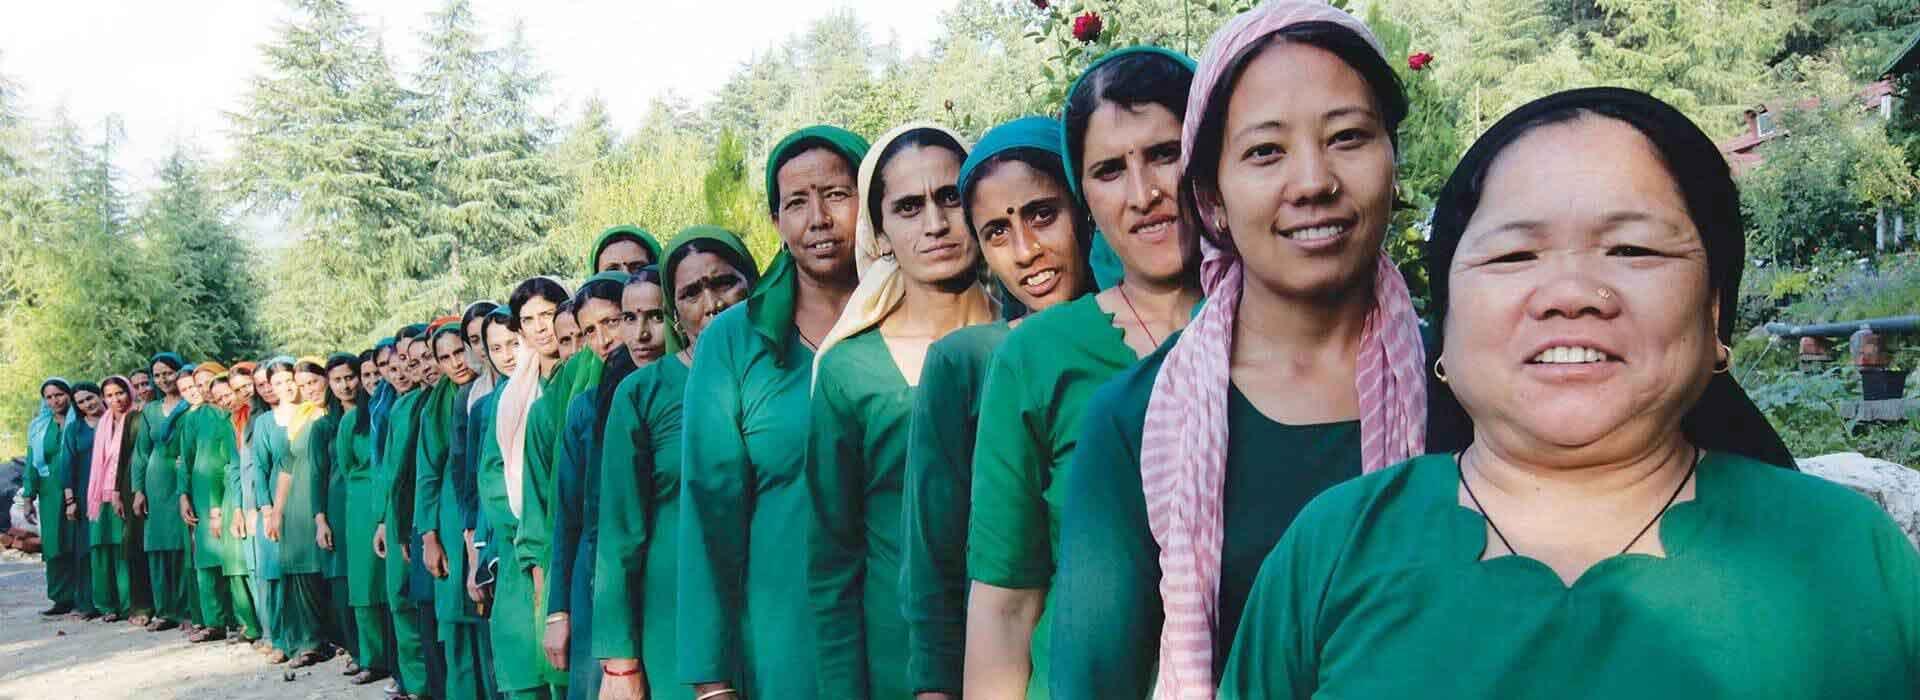 Bhuira Jams Team